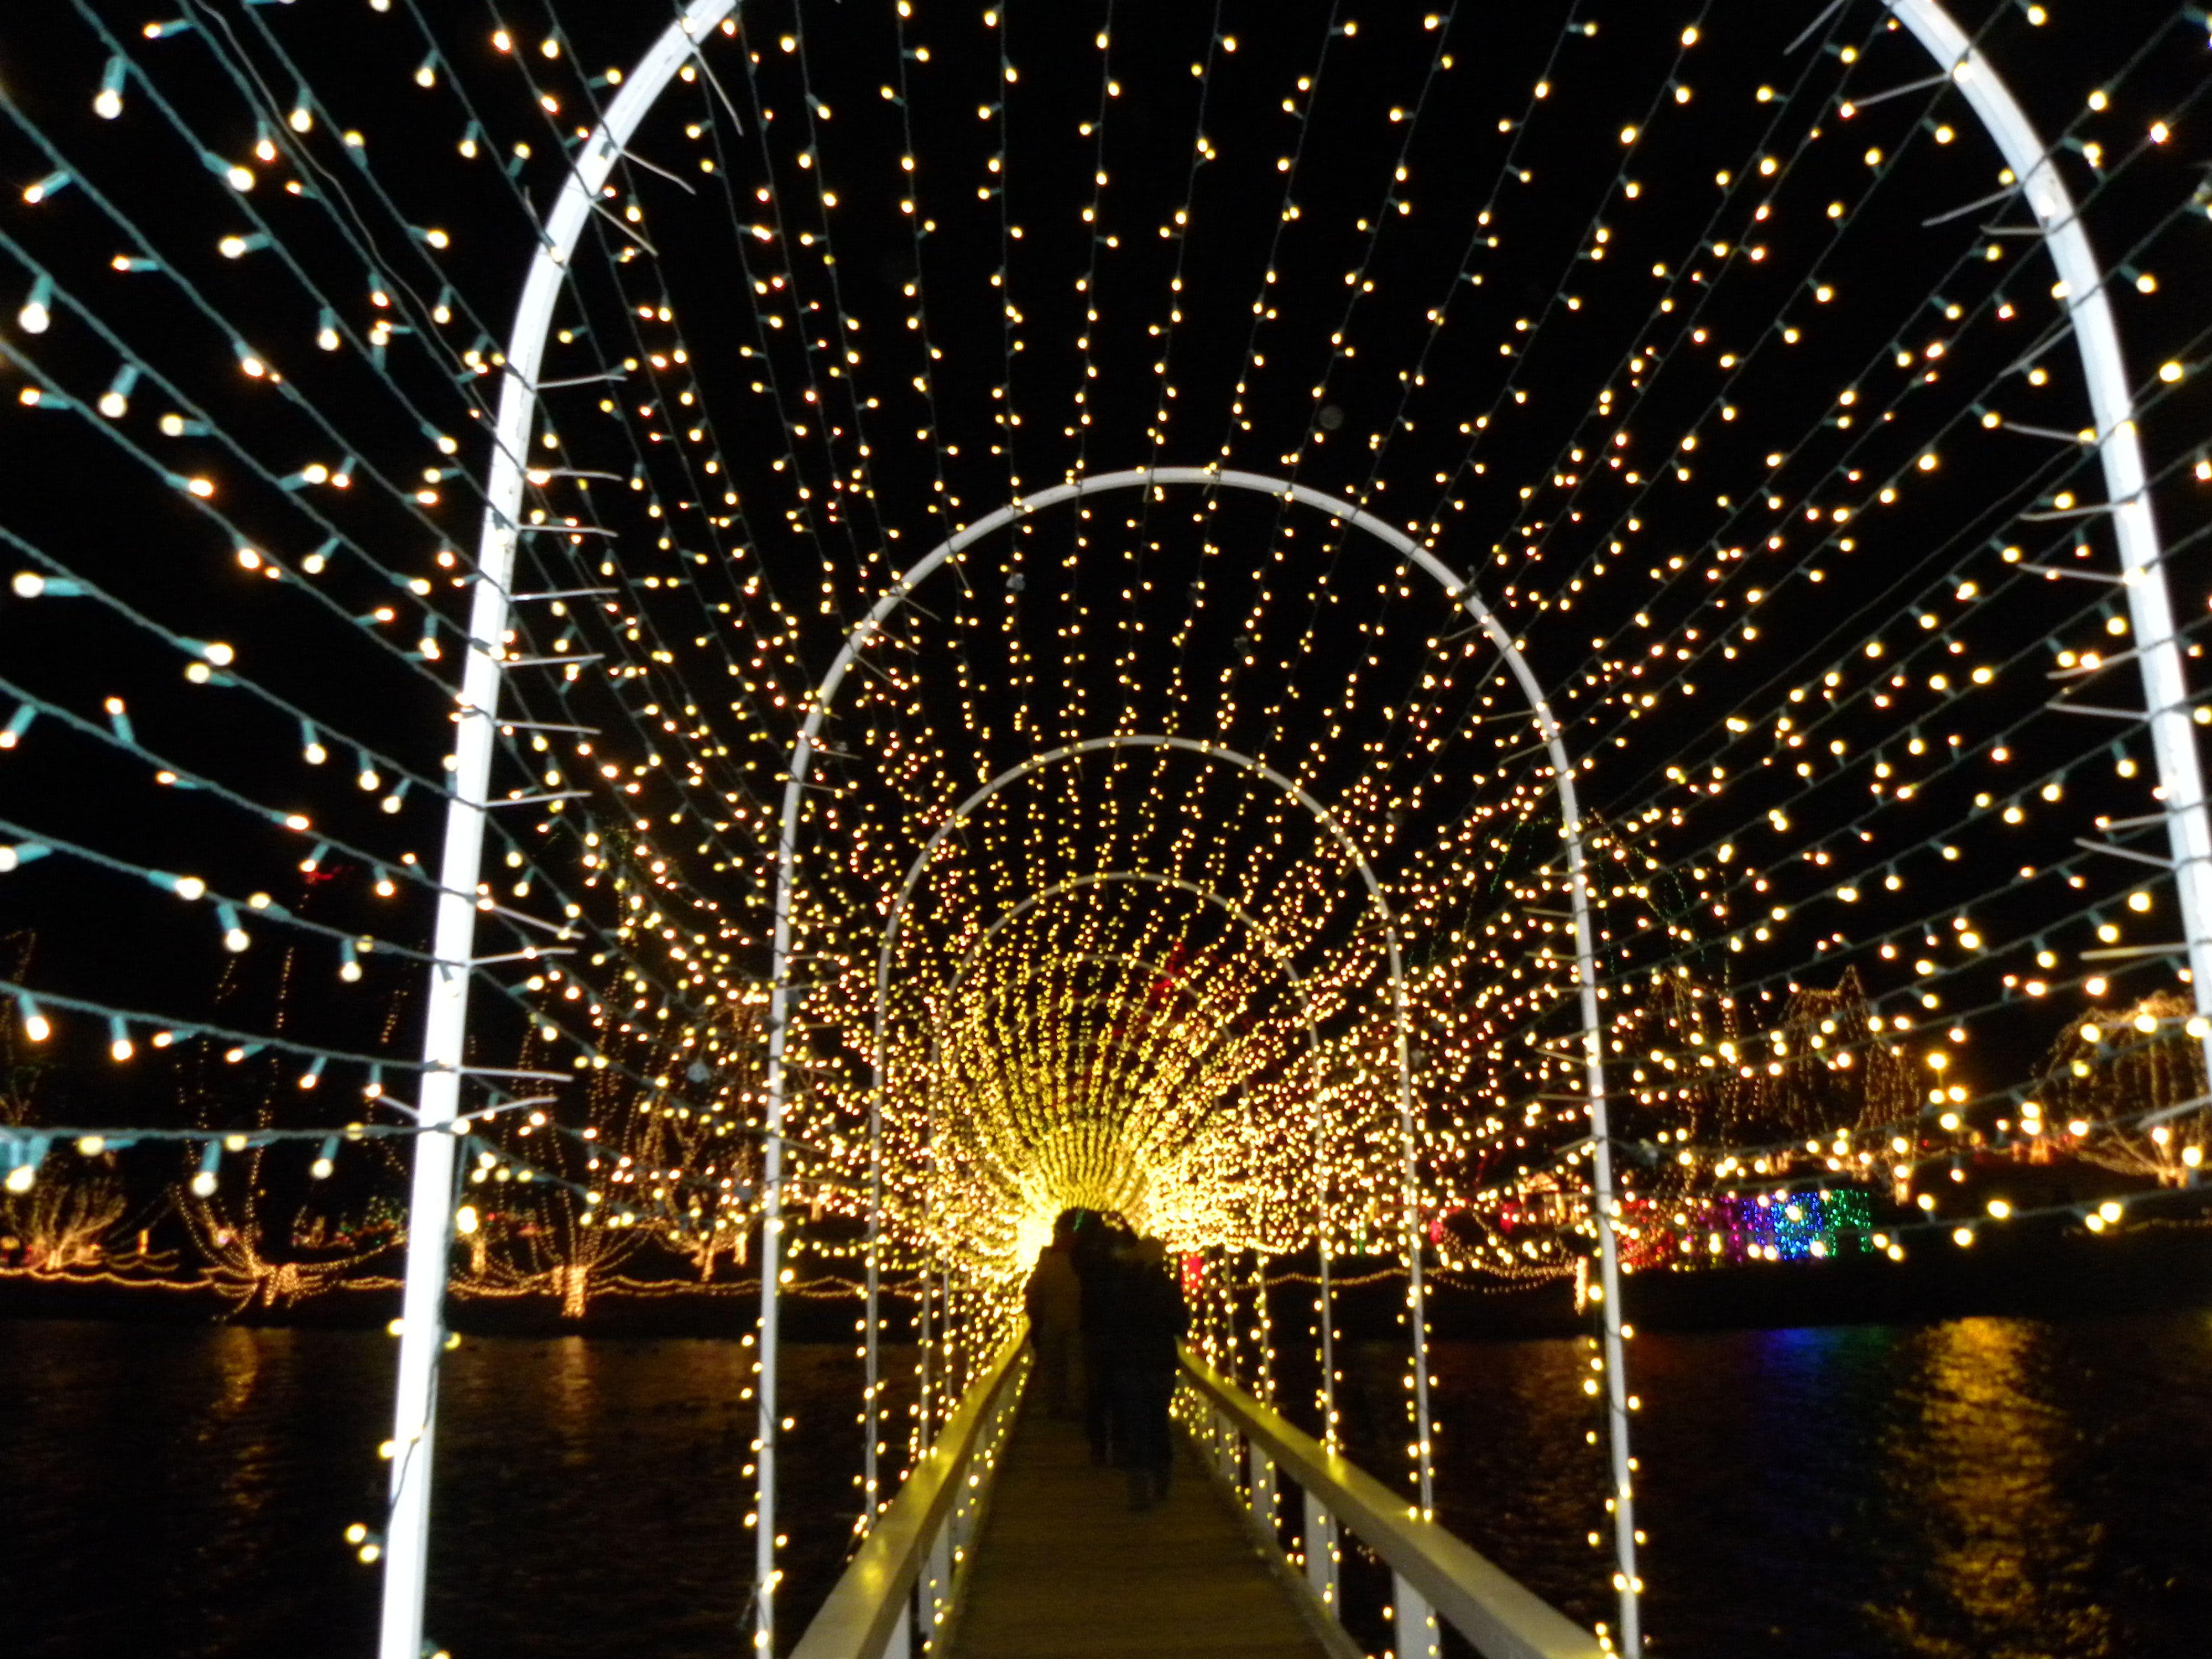 Christmas Festival of Light diwali Pinterest